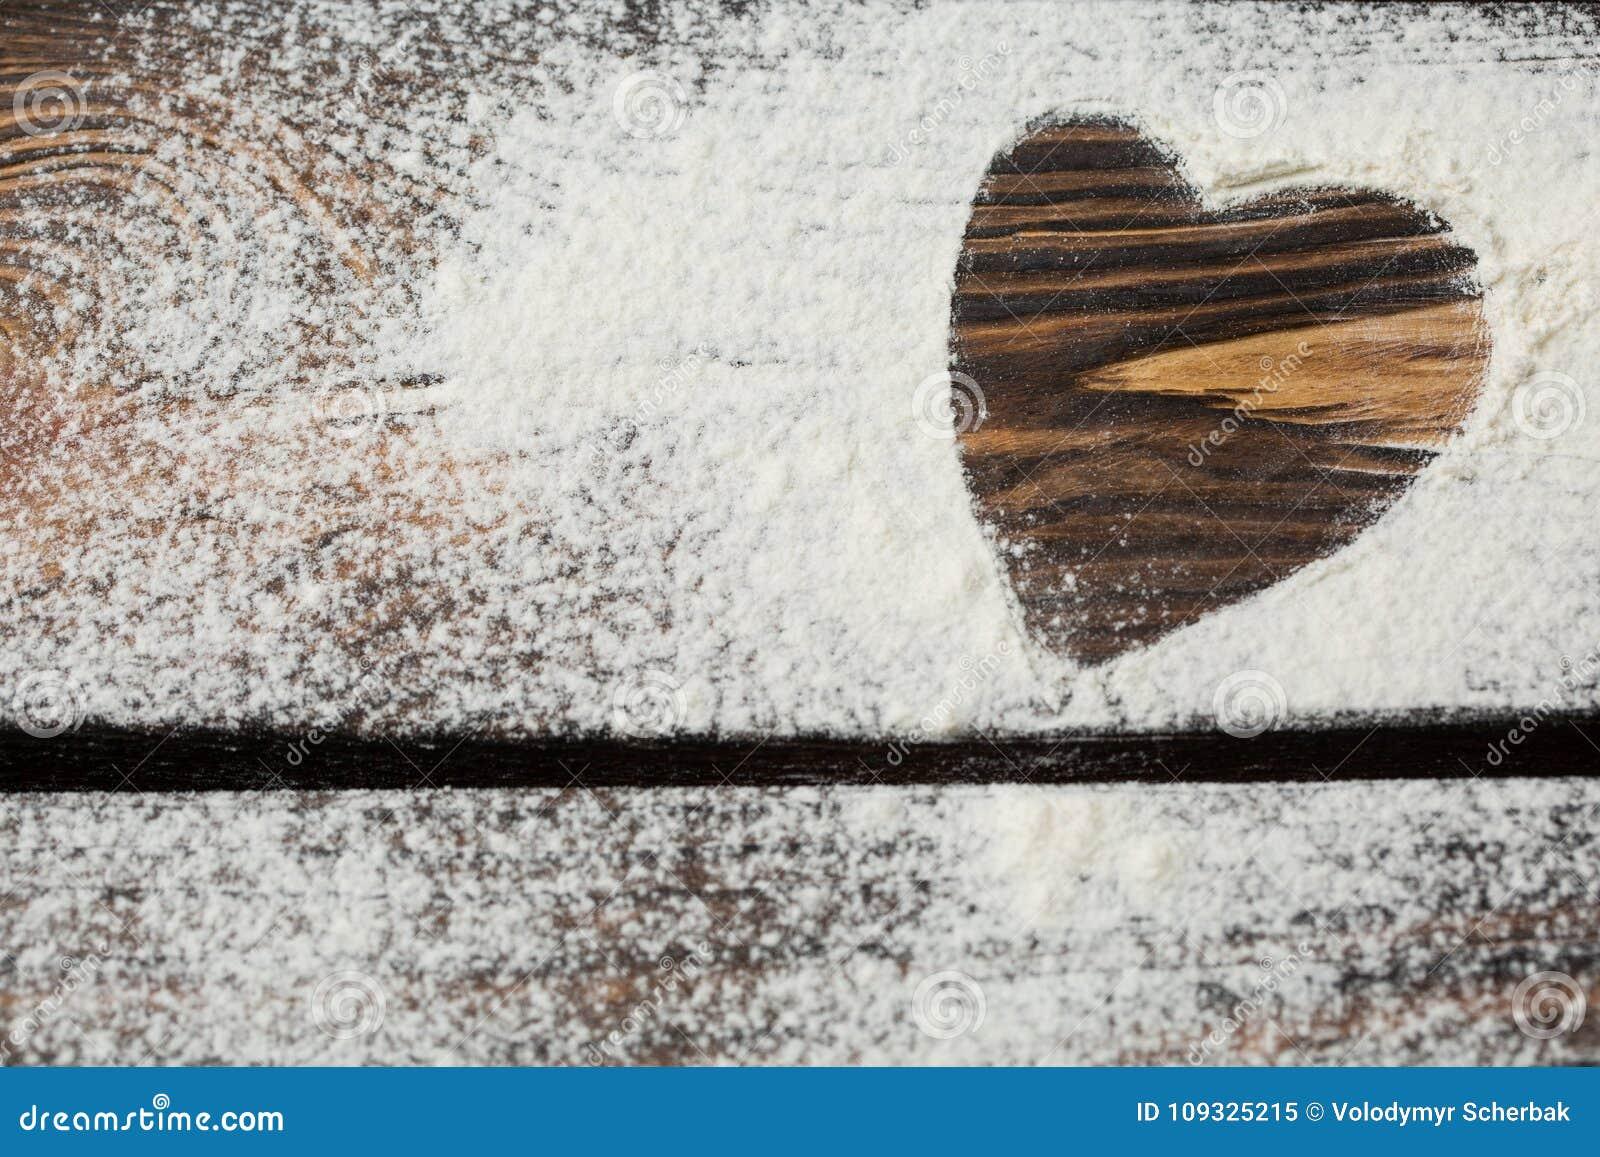 白面的心脏在一个木板的 烹调充满爱 假日依托背景 Eco食物和家庭烹饪